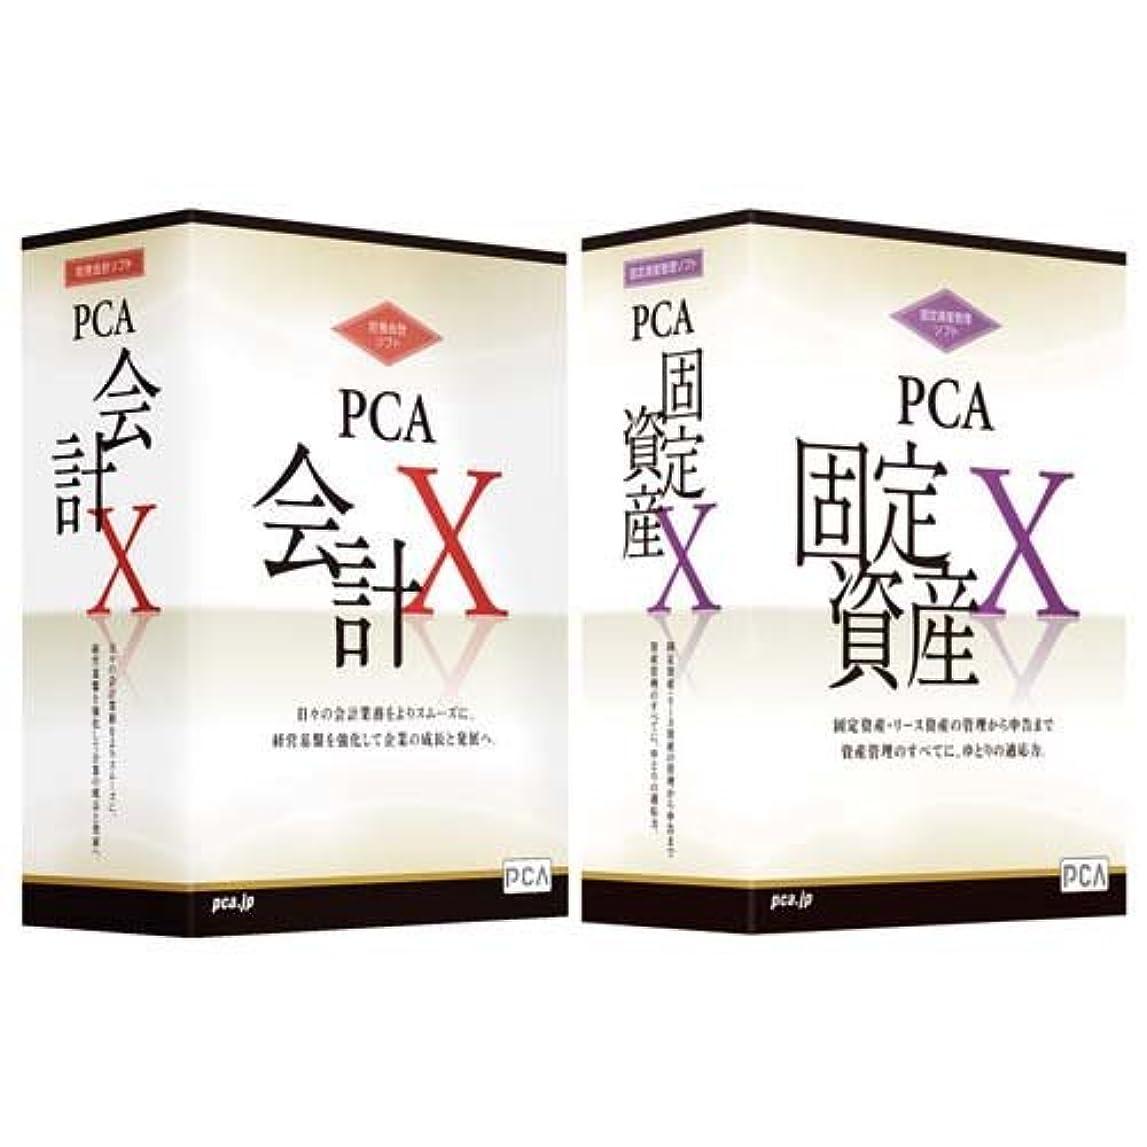 我慢するアメリカ追放PCA会計?固定資産Xセット with SQL 20クライアント